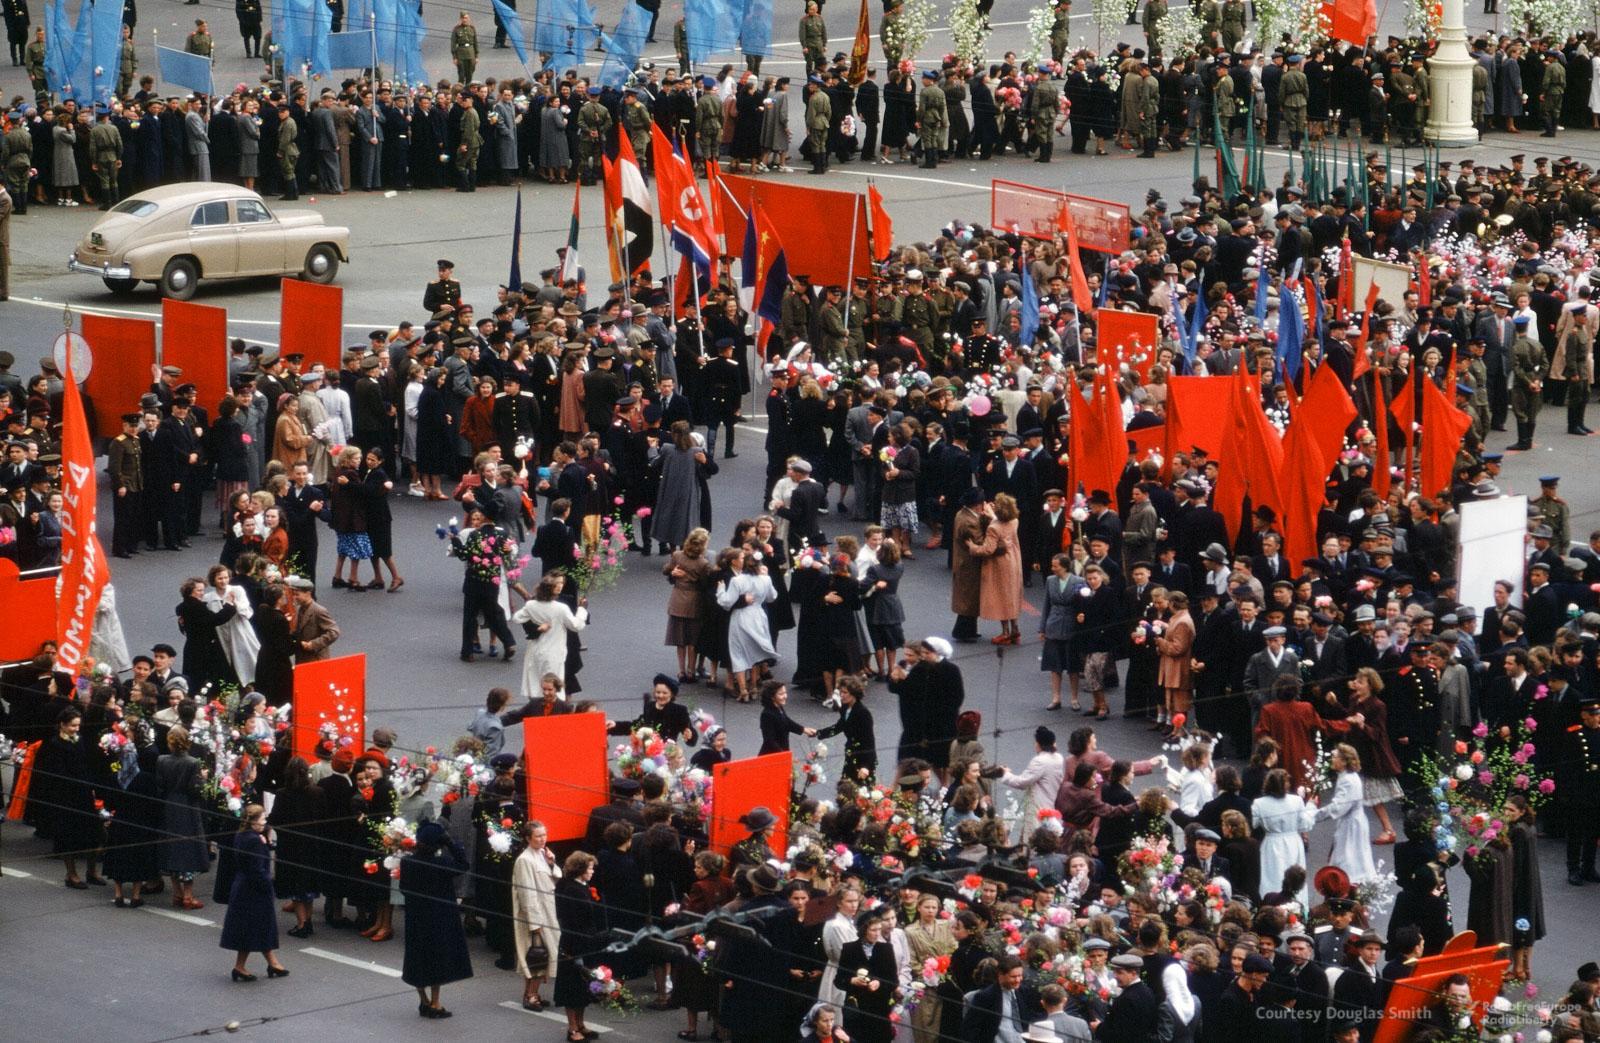 Праздник наМанежной площади